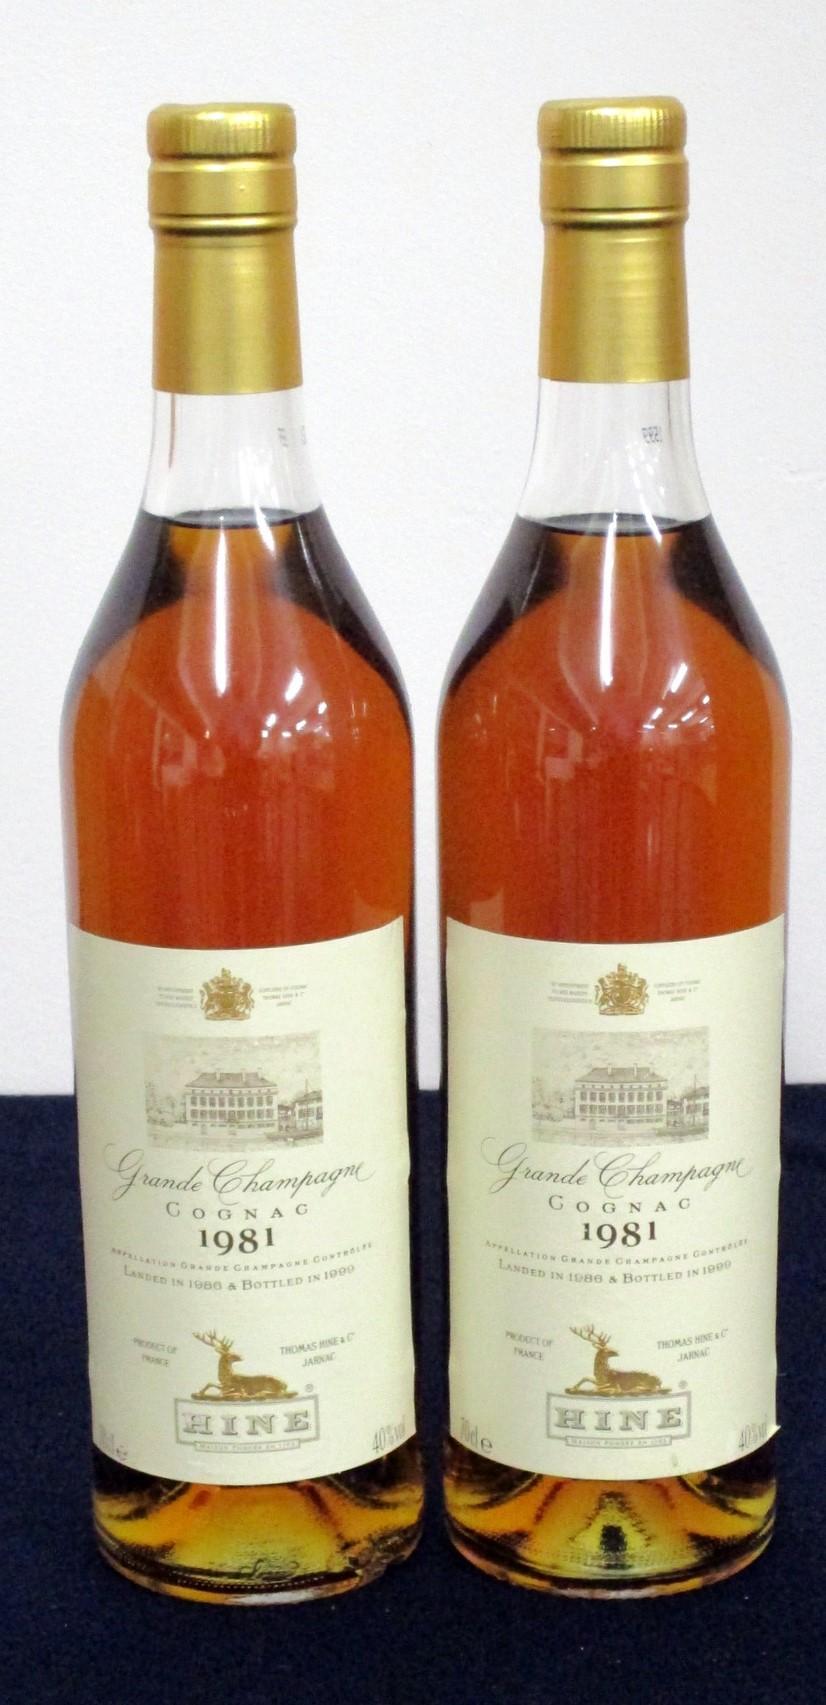 2 70-cl bts Hine Grande Champagne Cognac 1981 landed 1986 bottled 1999